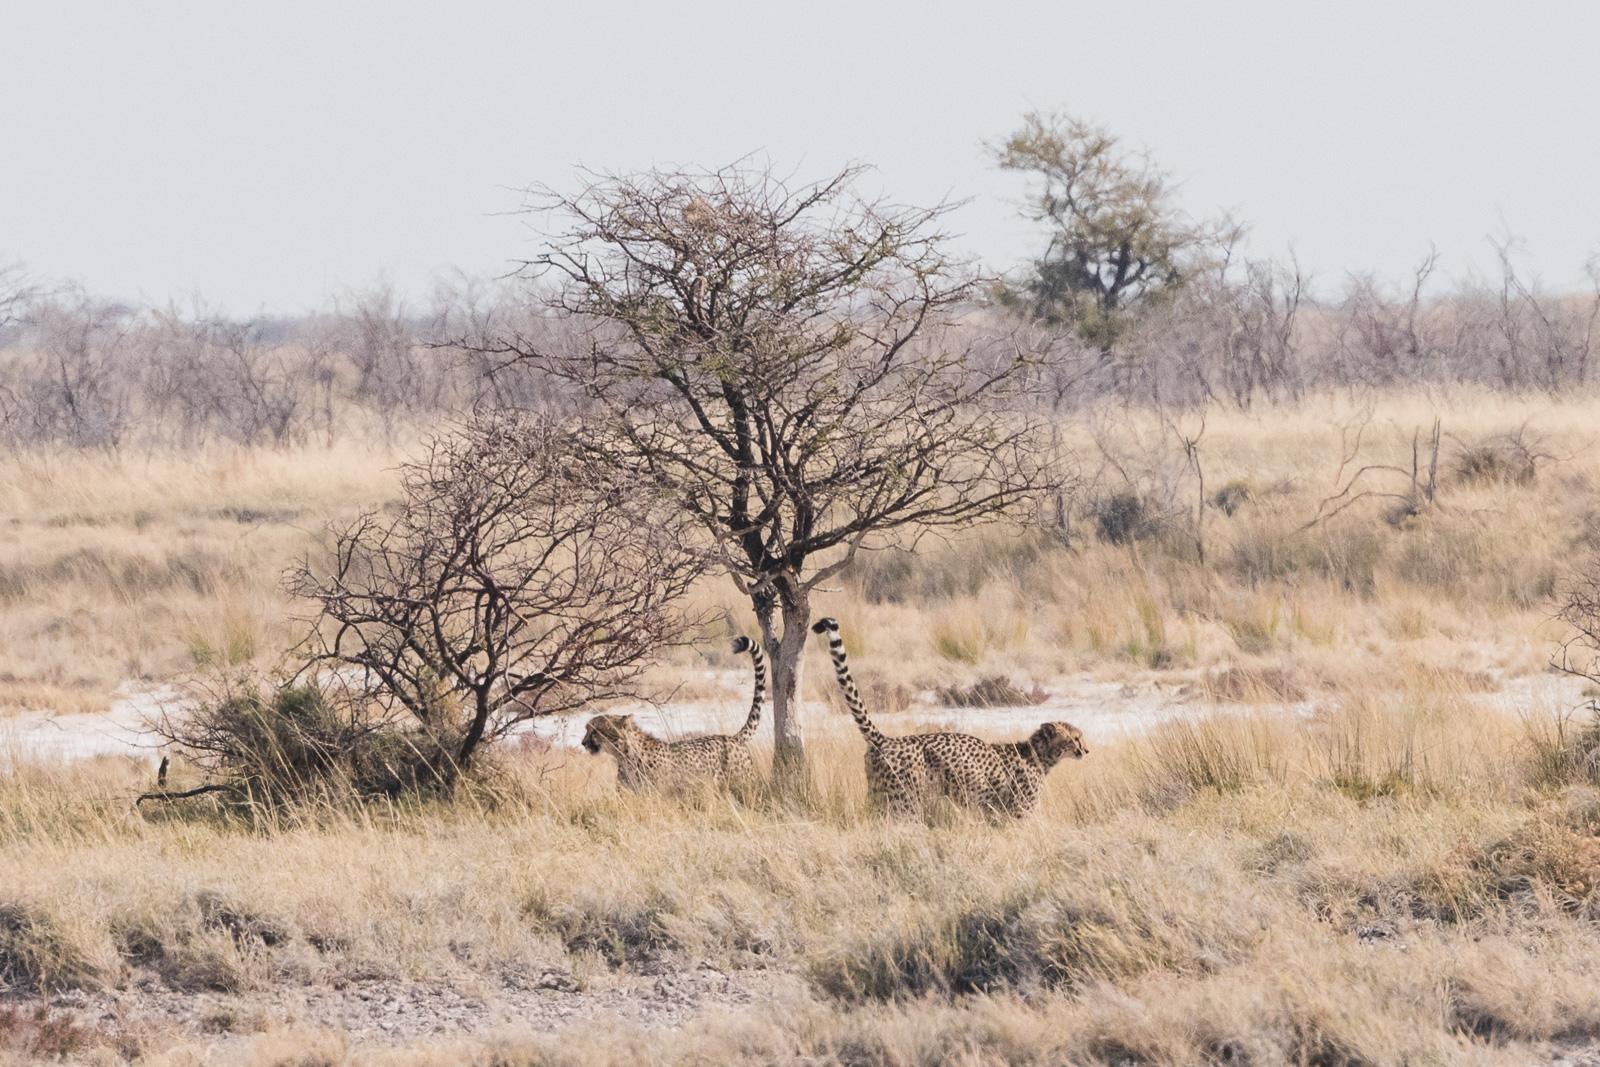 Cheetahs marking a play tree, Etosha National Park, Namibia